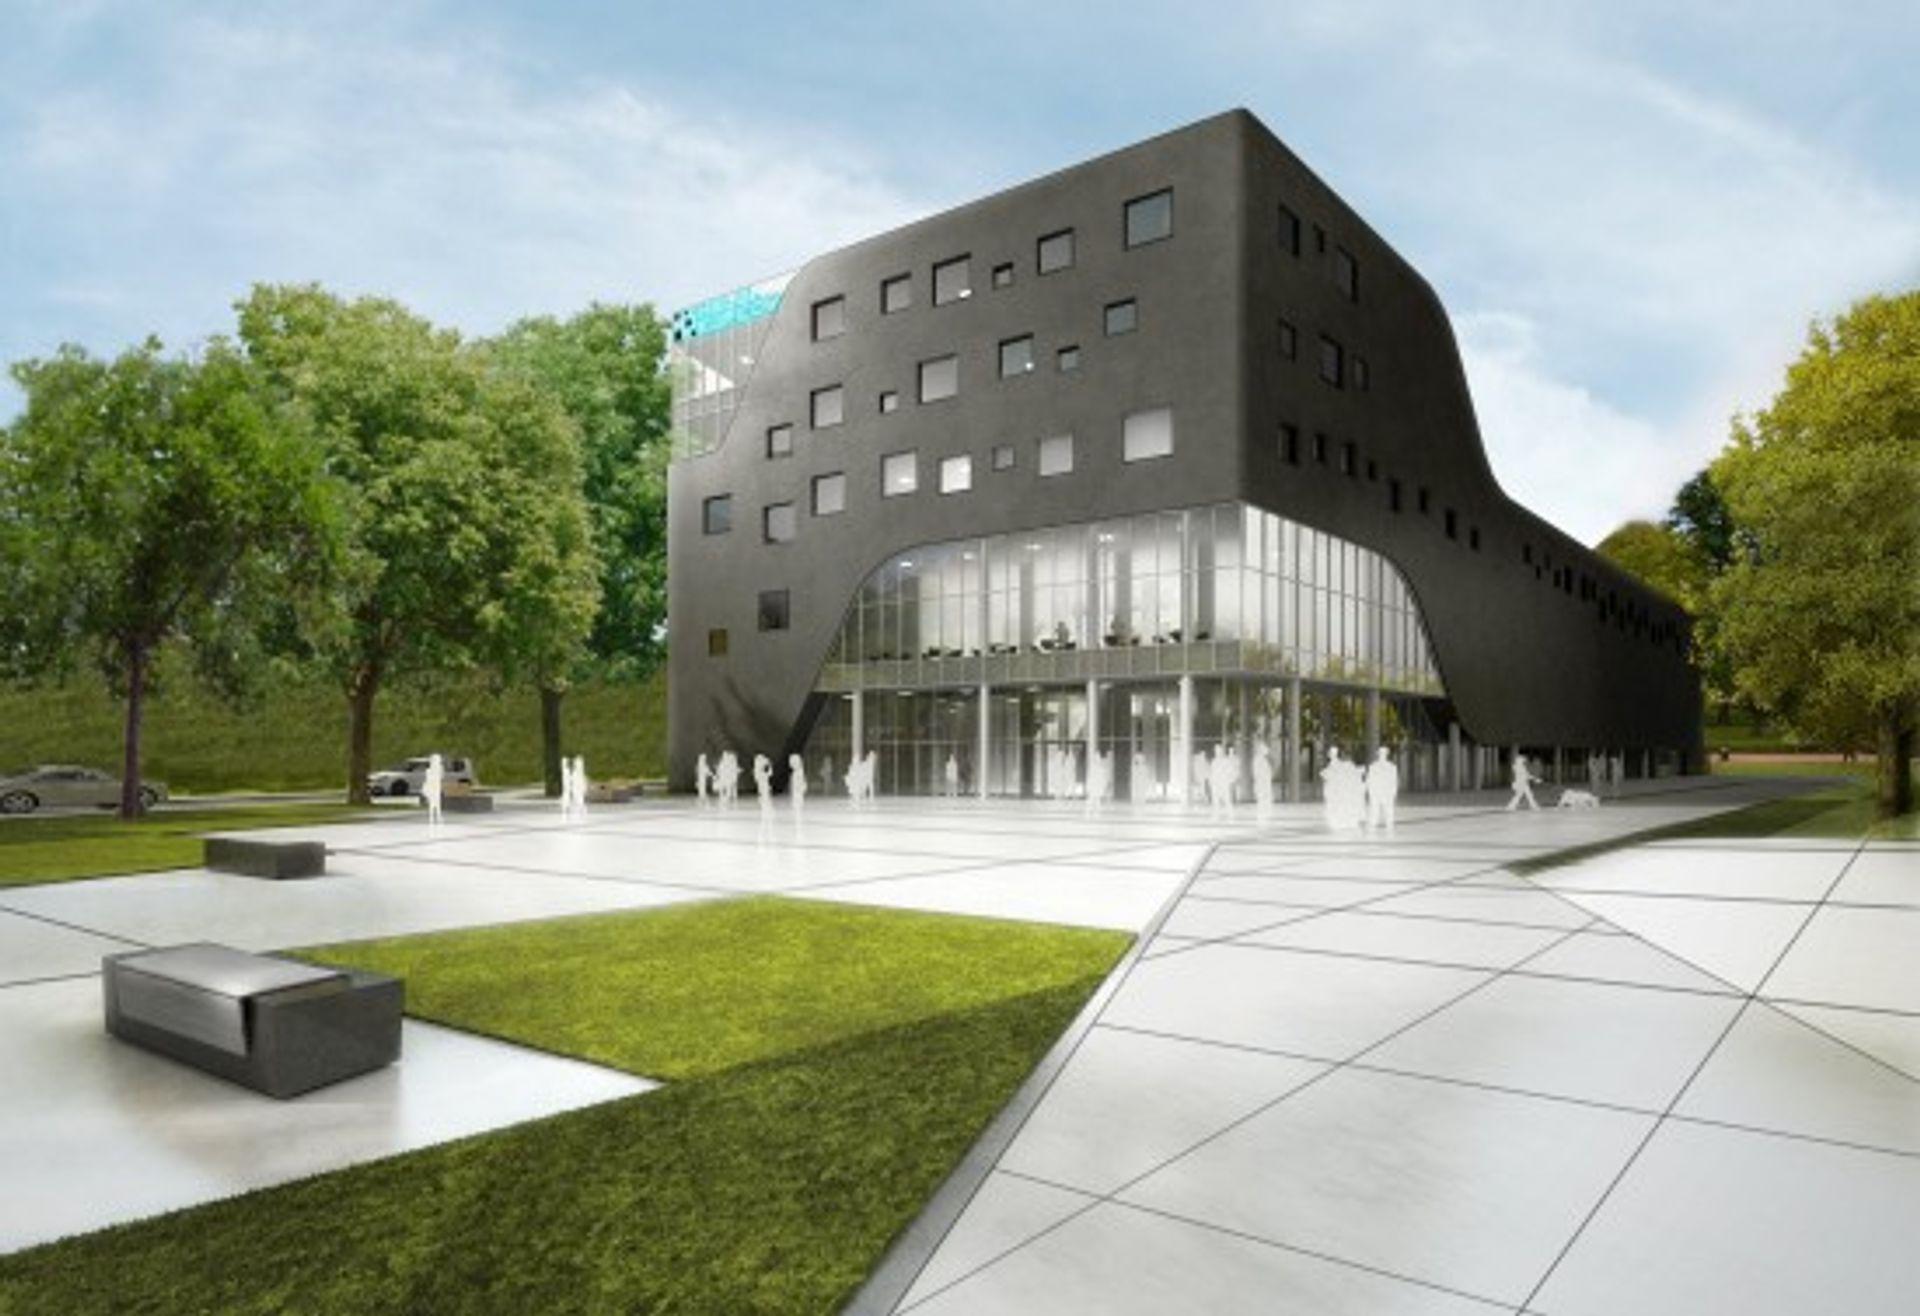 [Wrocław] W kwietniu kupcy wprowadzą się do Centrum Biznesu Grafit